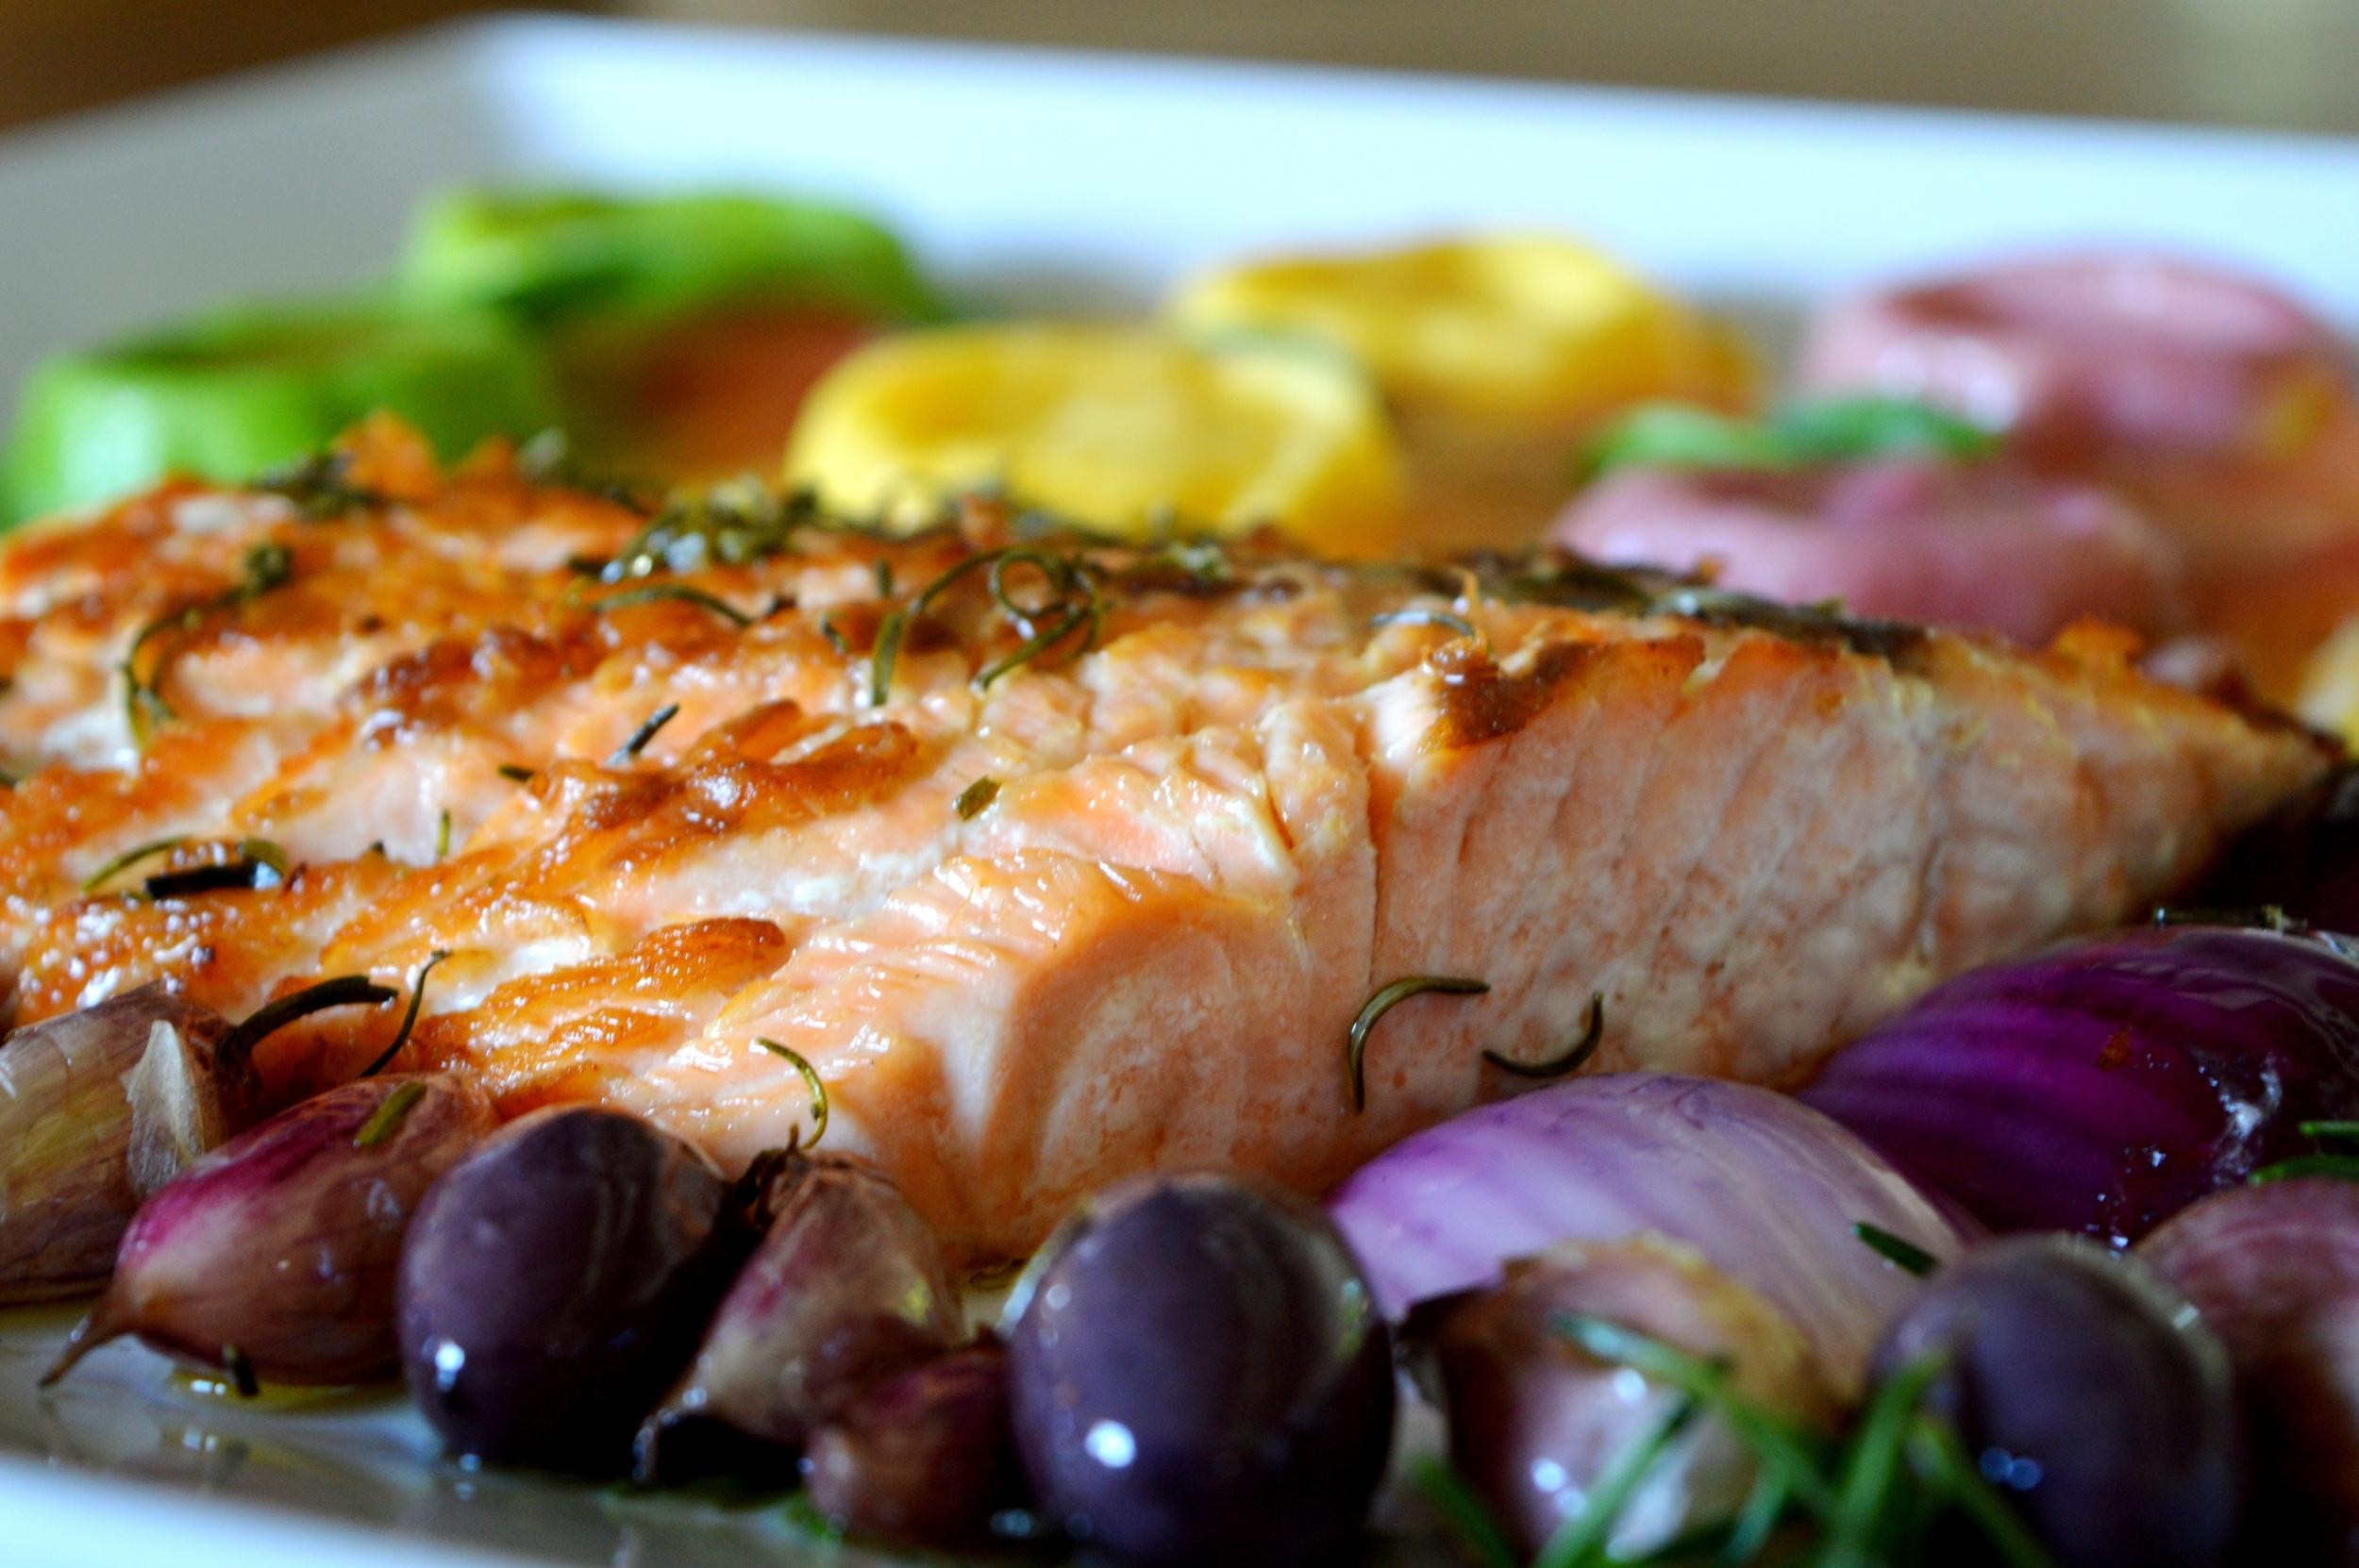 Salmão à moda do Chef, servido com tomate-cereja, alho confit, cebola roxa, azeitonas  chilenas e especiarias (2).jpg